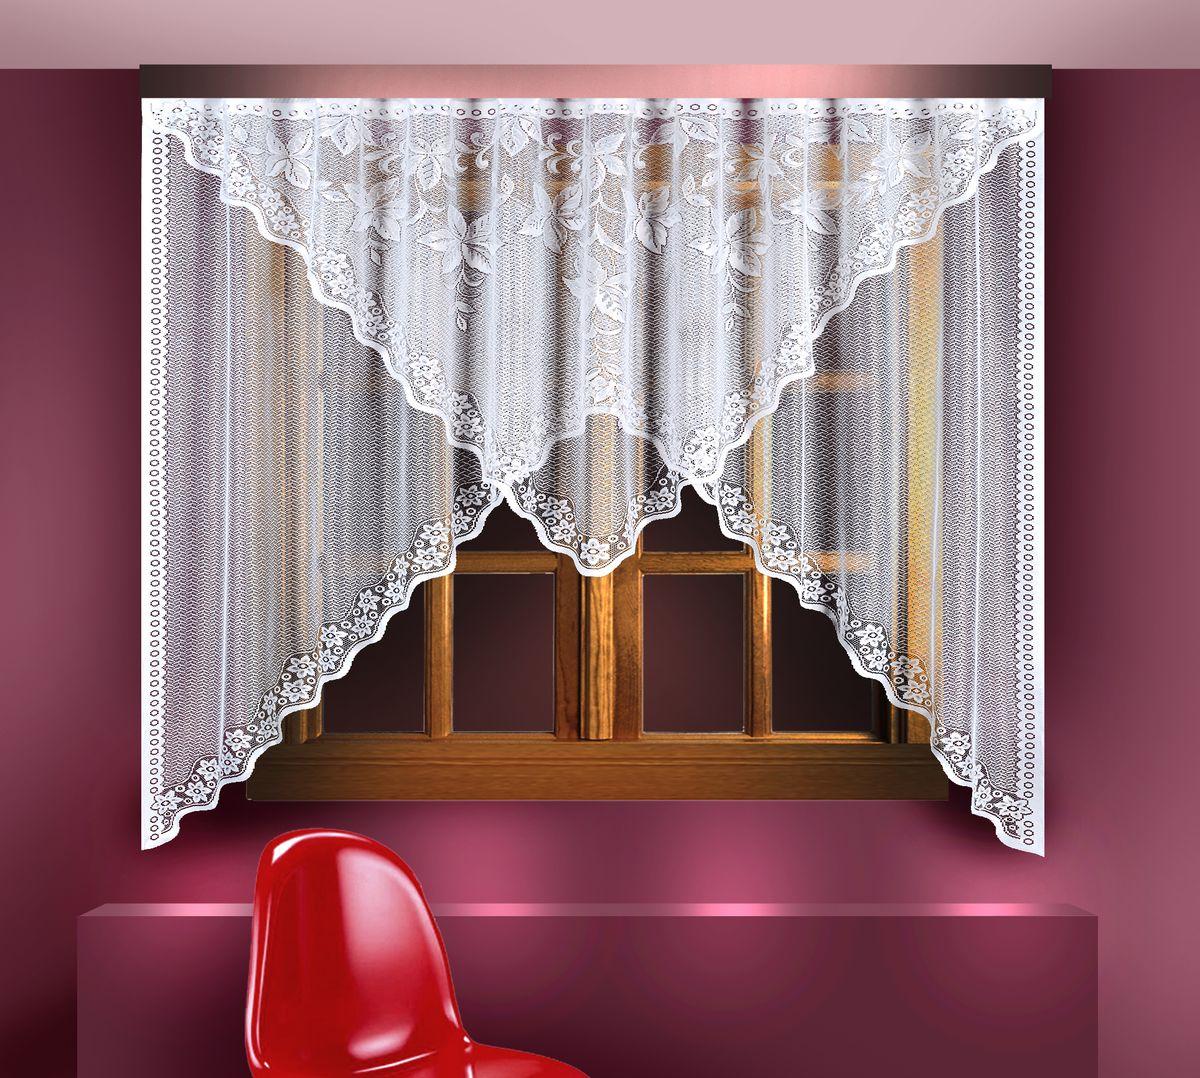 Гардина Zlata Korunka, цвет: белый, высота 180 см. 88813SVC-300Воздушная гардина Zlata Korunka, изготовленная из полиэстера белого цвета, станет великолепным украшением любого окна. Гардина выполнена из сетчатого материала и декорирована цветочным орнаментом по краям. Вверху гардина оснащена ламбрекеном, выполненным в форме треугольника и украшенным цветочным рисунком.Тонкое плетение и оригинальный дизайн привлекут к себе внимание и органично впишутся в интерьер. Верхняя часть гардины не оснащена креплениями.